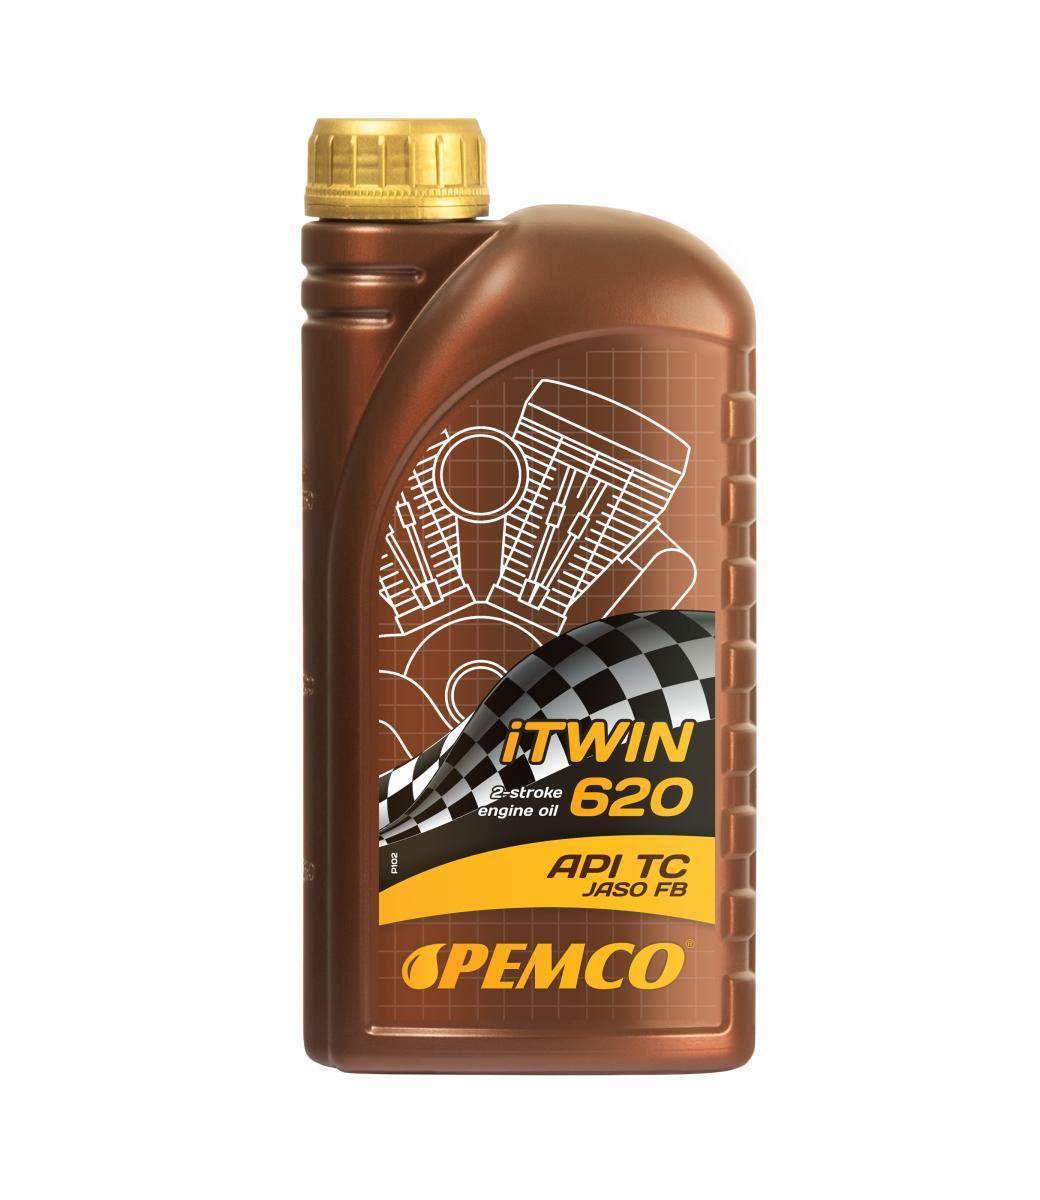 Motoröl PM0620-1 Niedrige Preise - Jetzt kaufen!